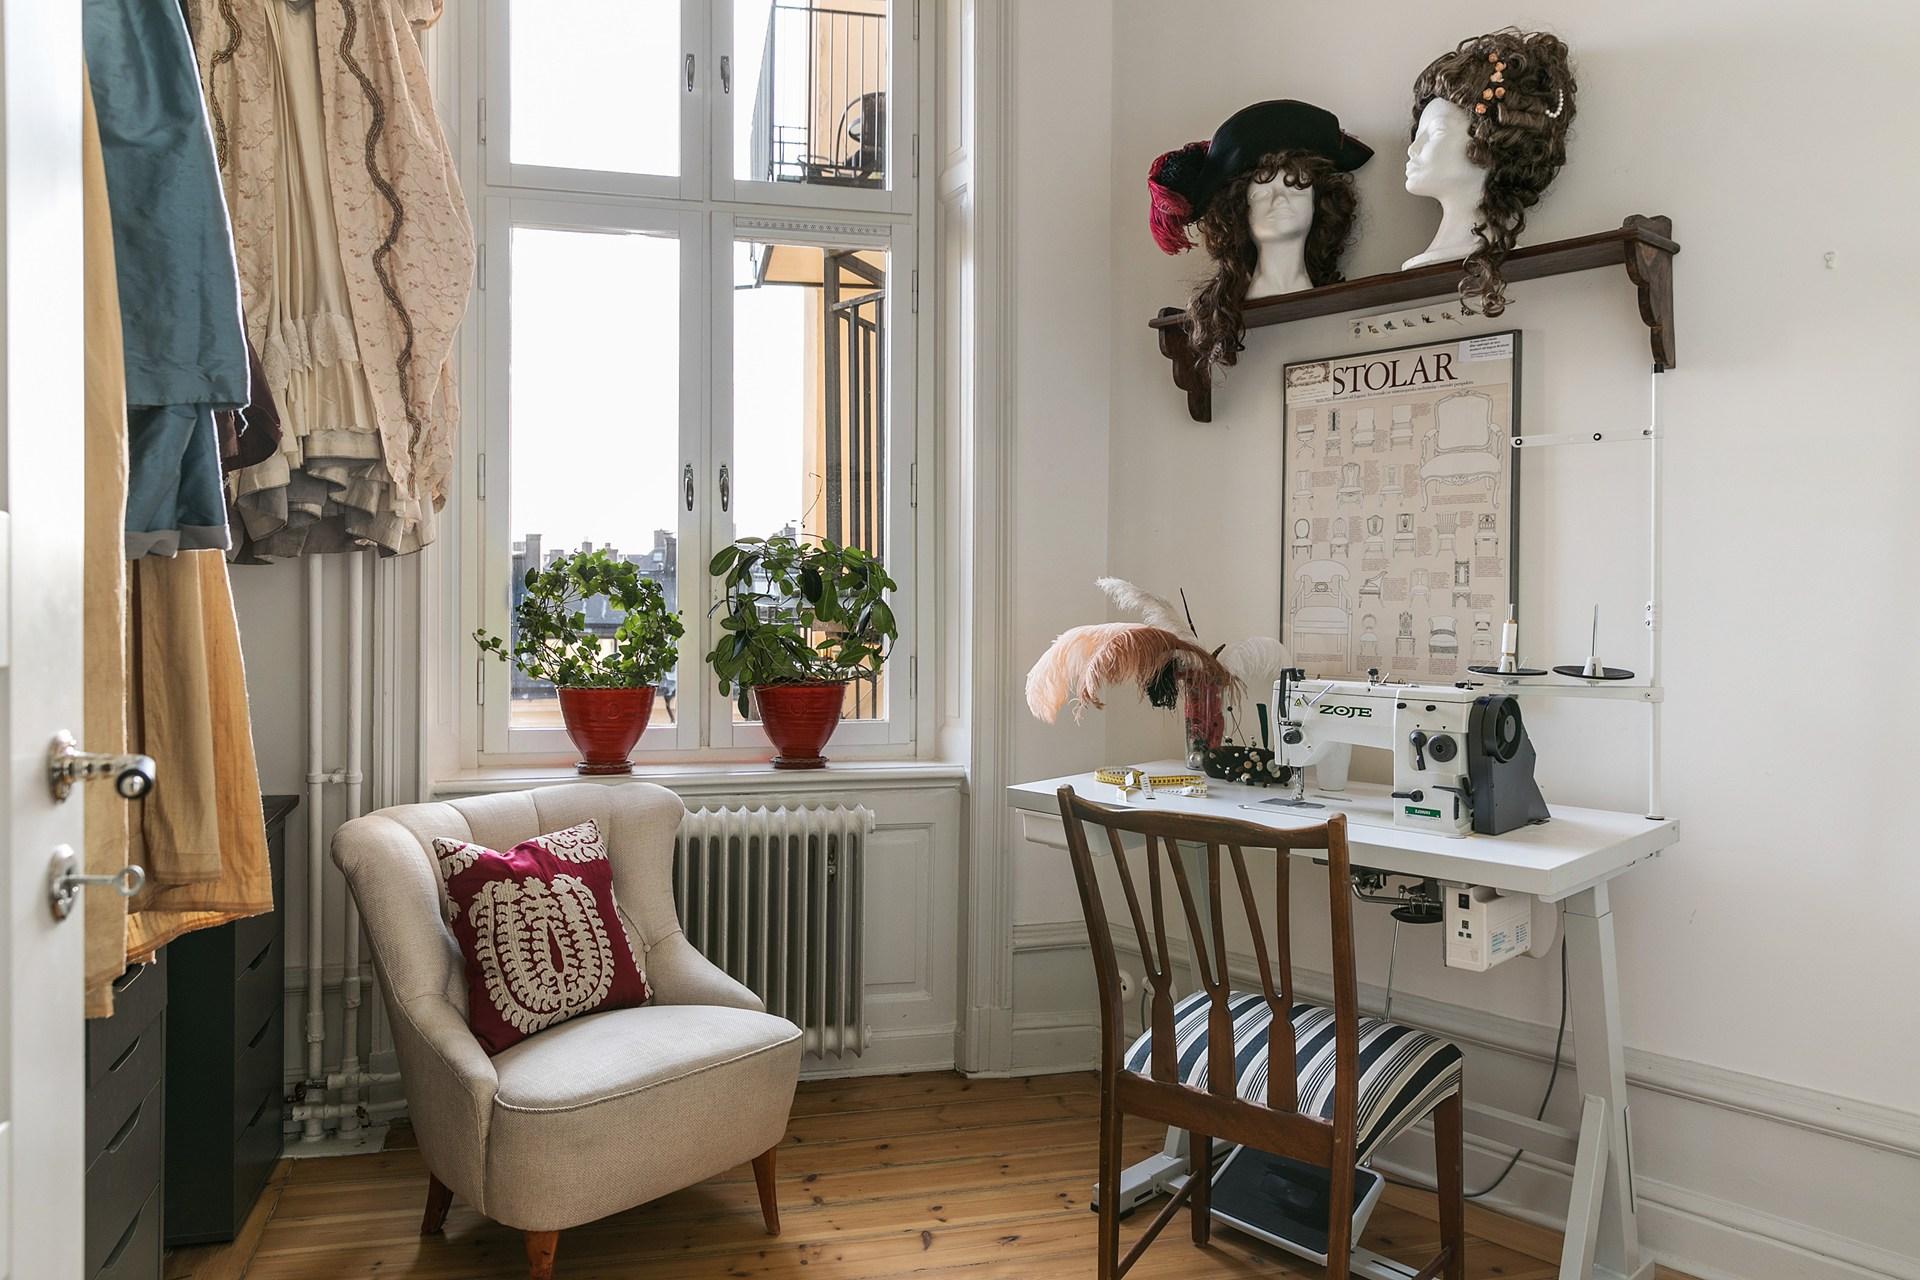 комната для творчества рукоделия хобби